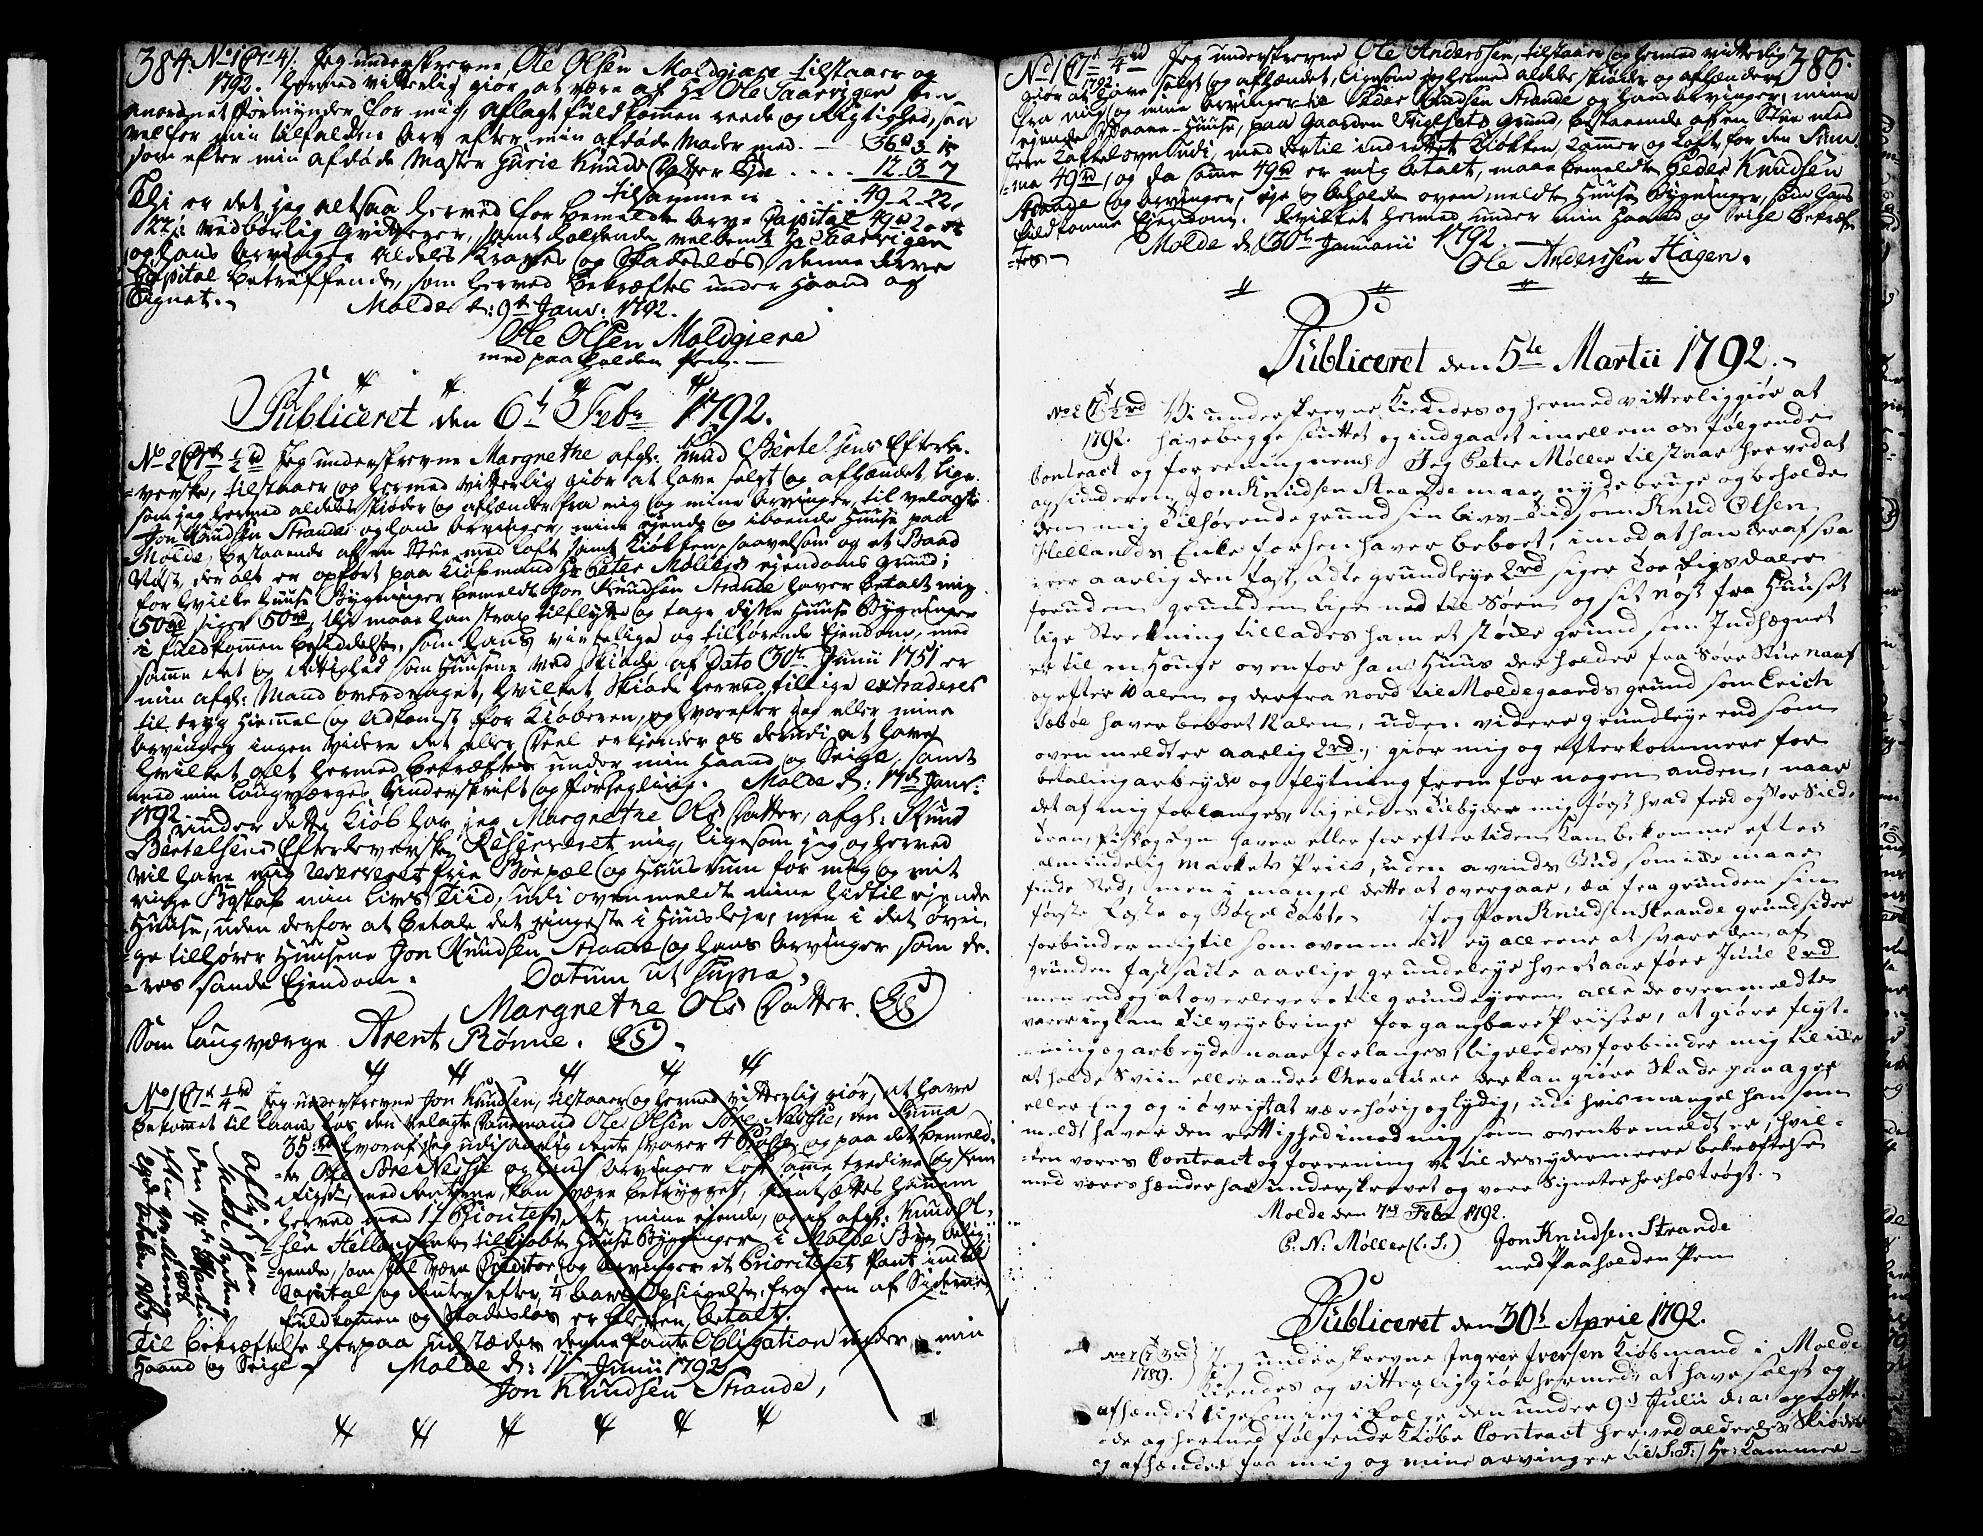 SAT, Molde byfogd, 2C/L0001: Pantebok nr. 1, 1748-1823, s. 384-385